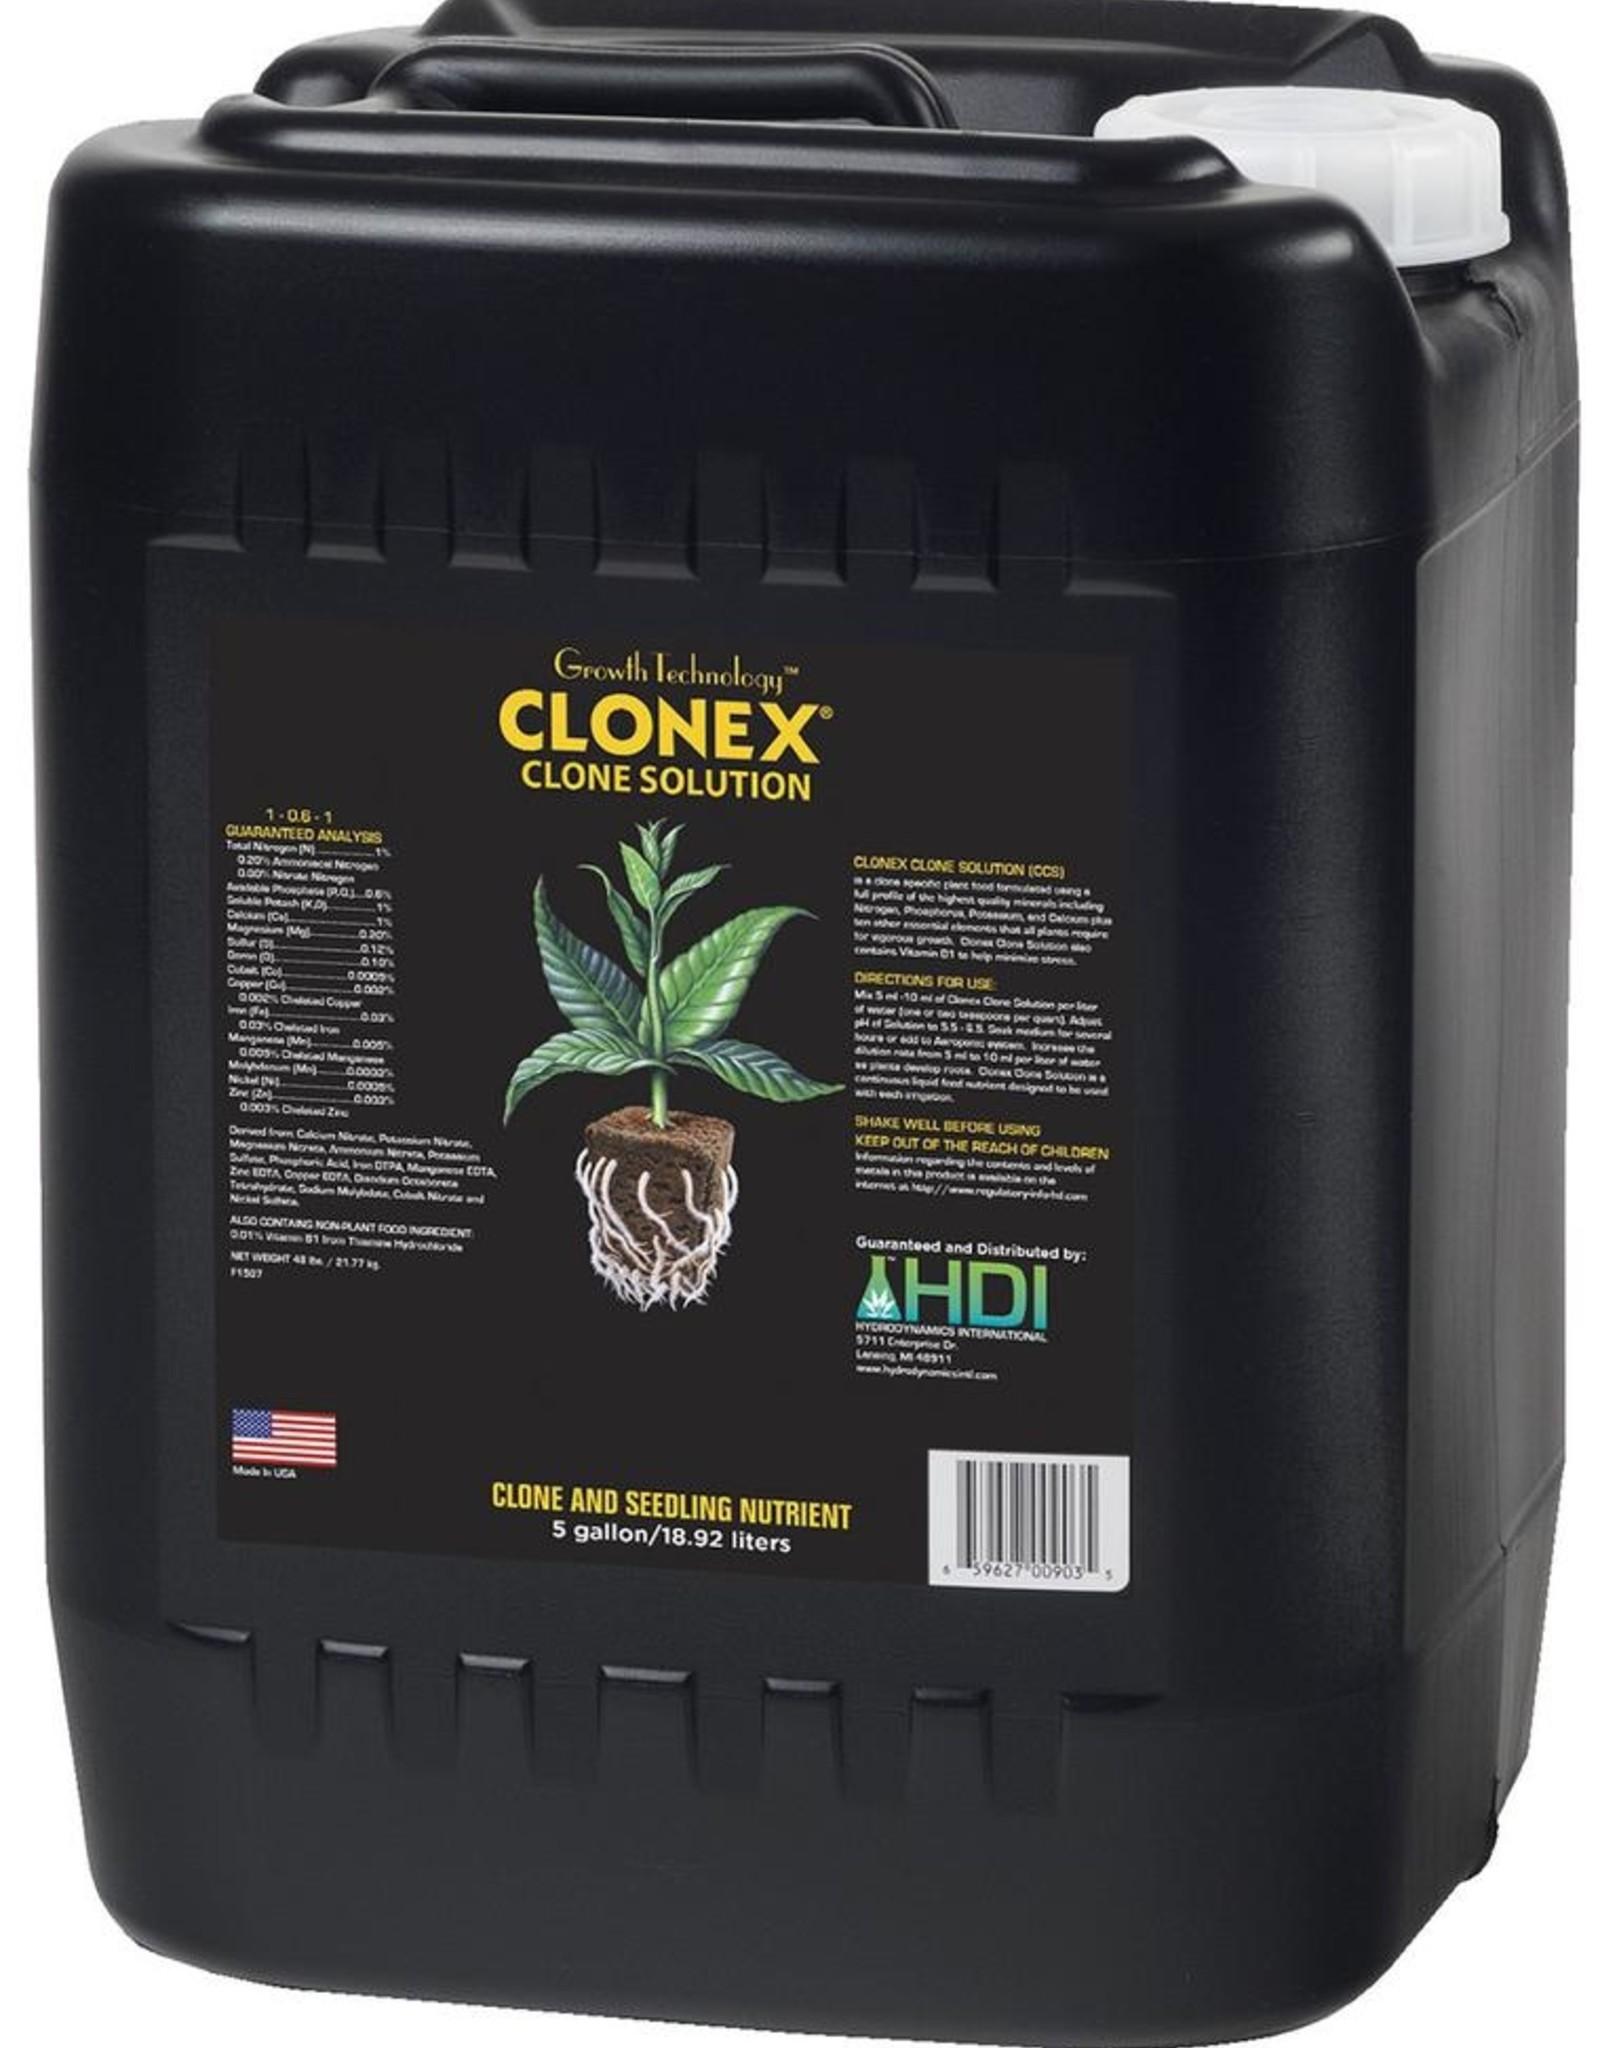 Hydro Dynamics HydroDynamics Clonex Clone Solution 5 Gallon